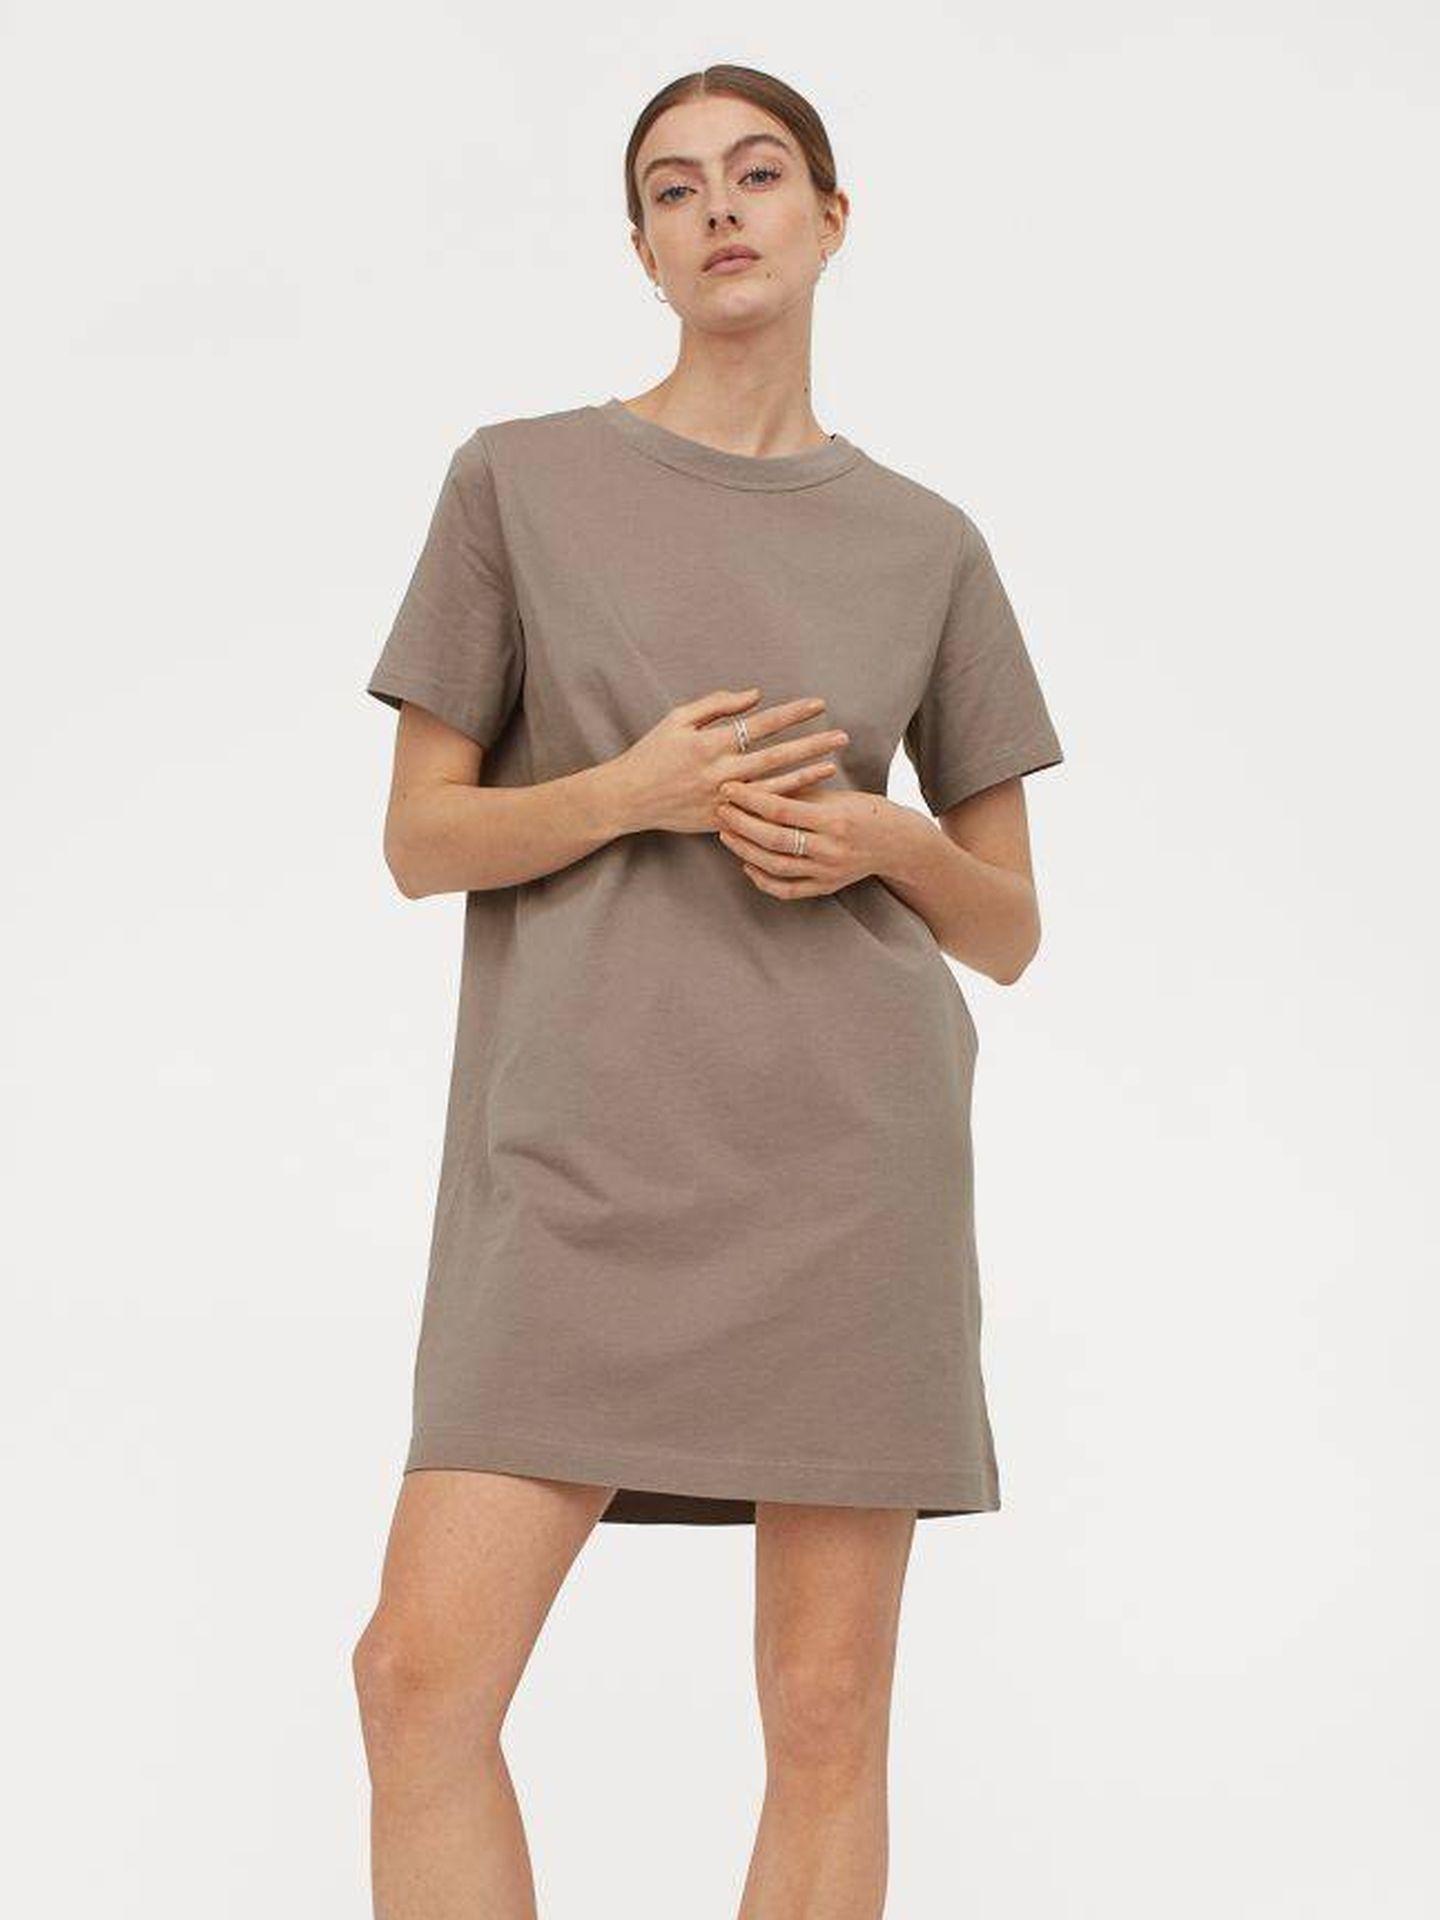 Vestido básico y low cost de HyM. (Cortesía)